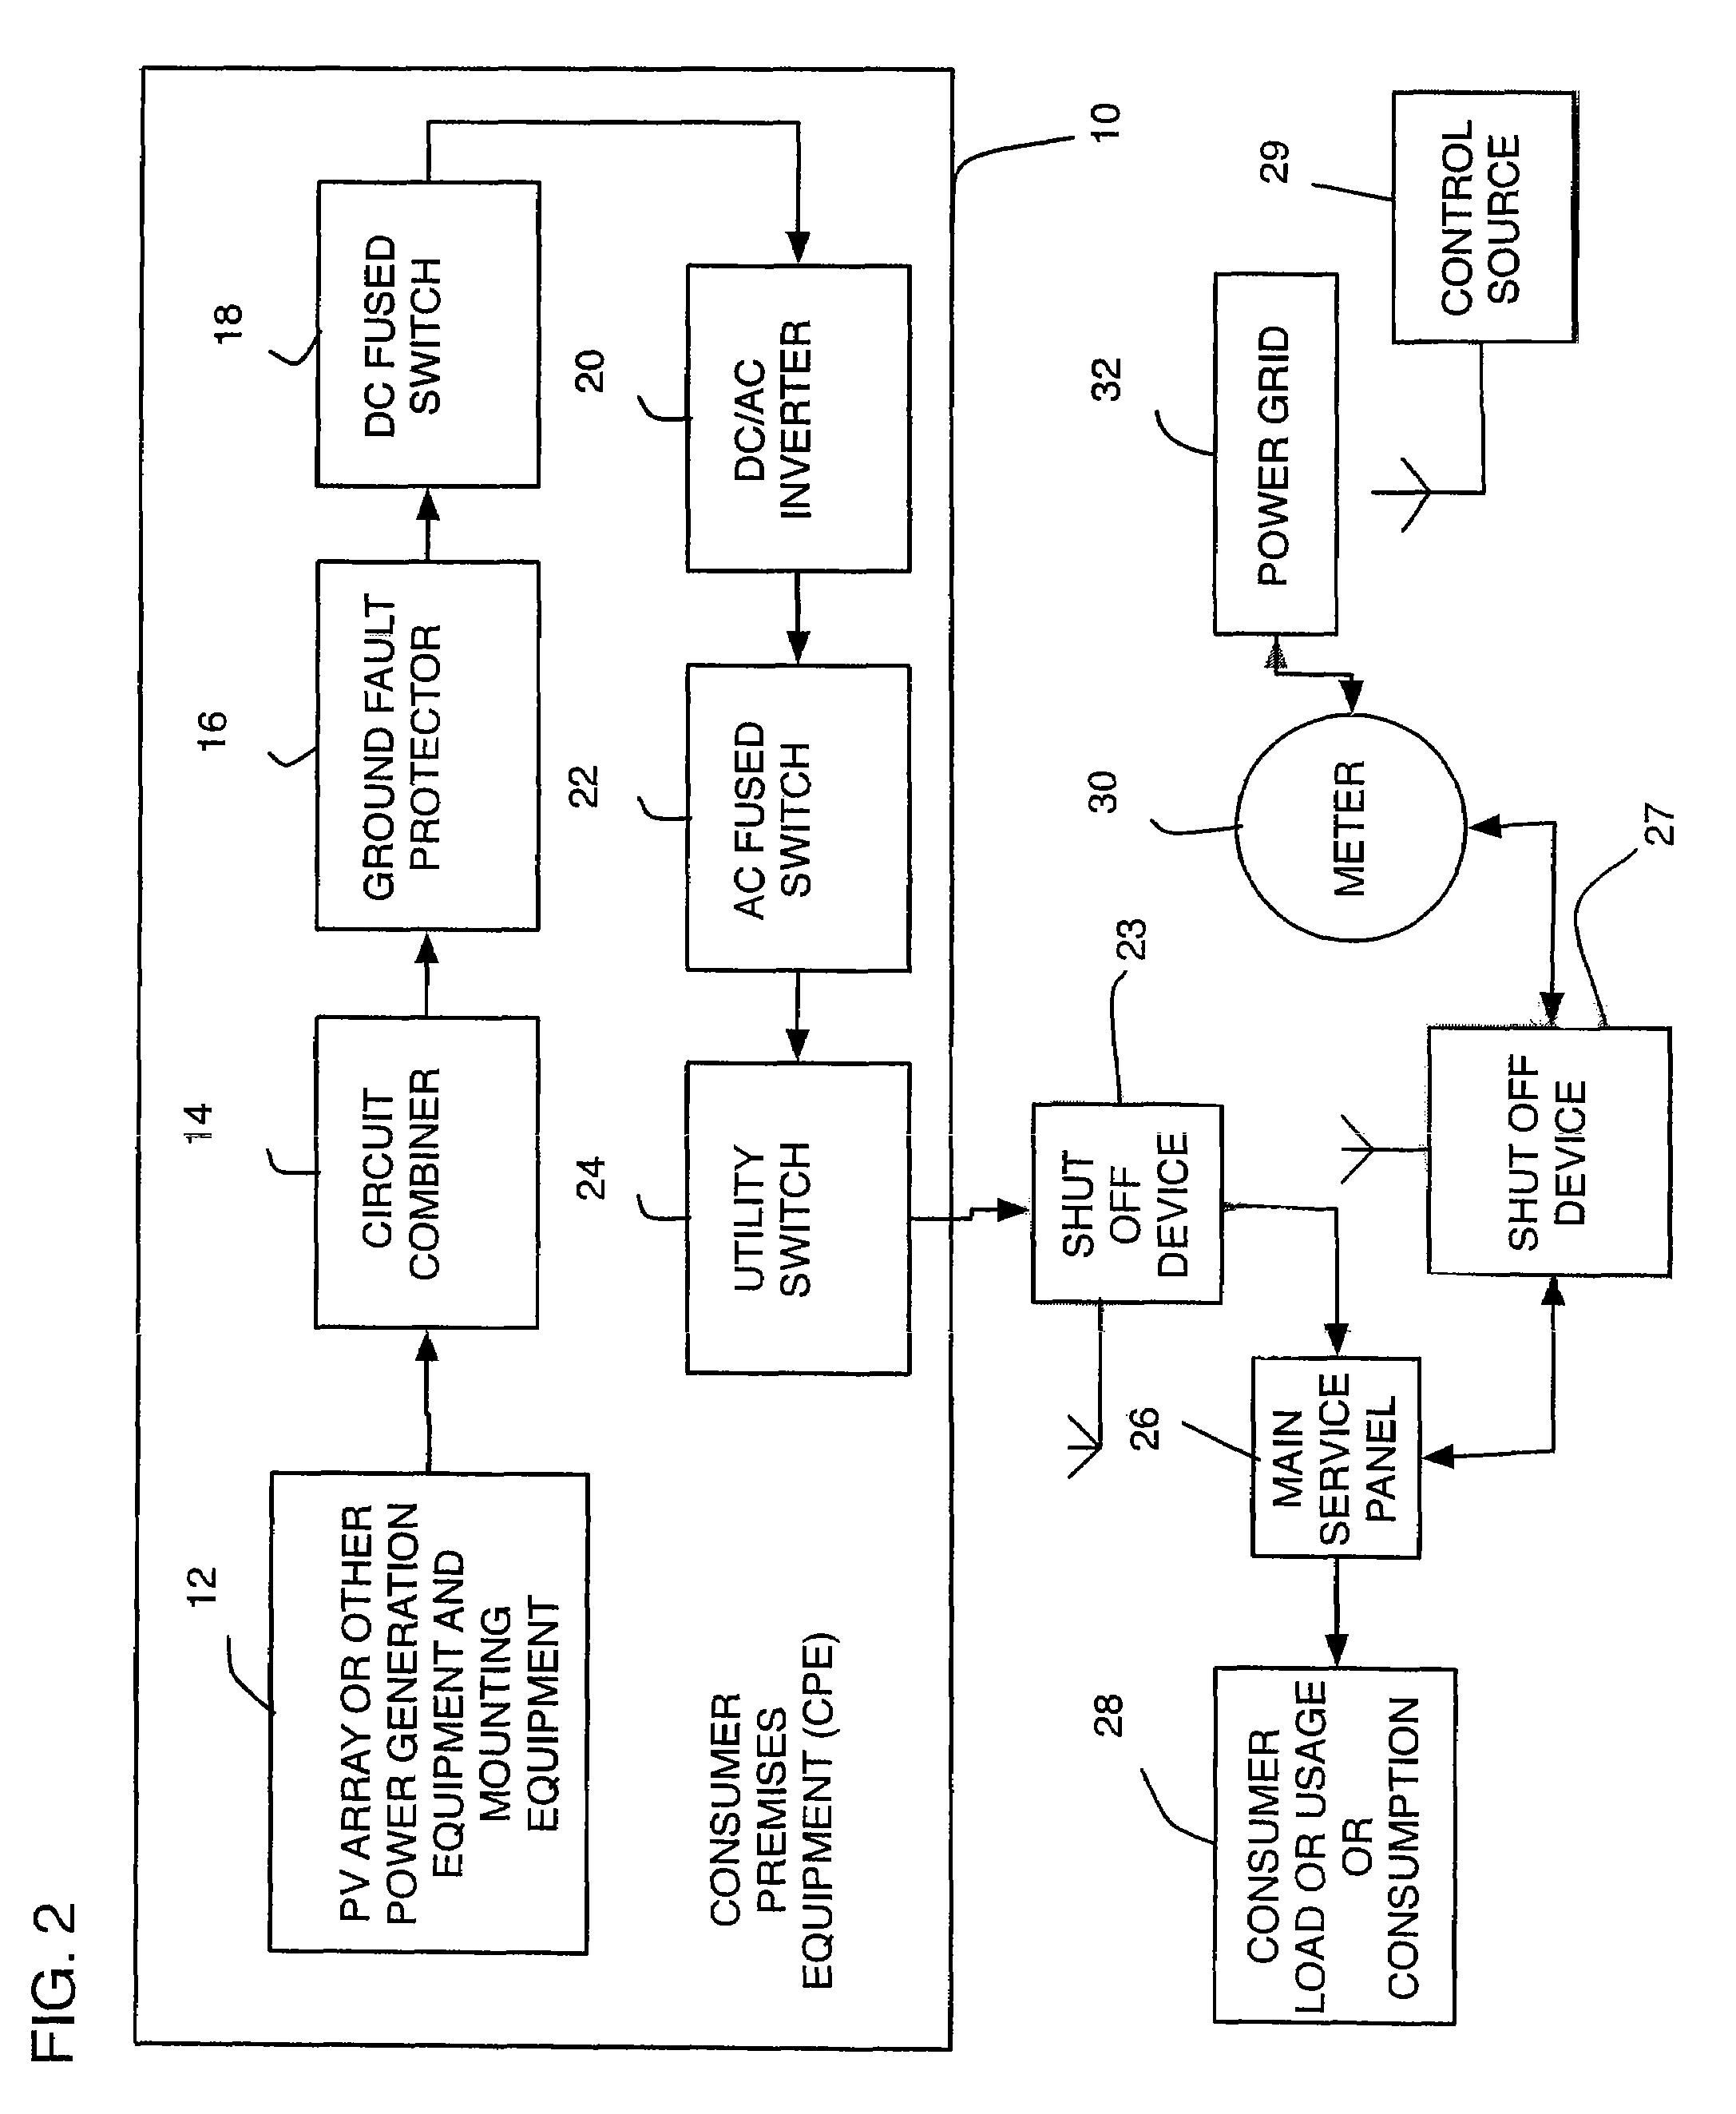 passtime pte 2 wiring diagram Download-Passtime Wiring Diagram 1 20-h